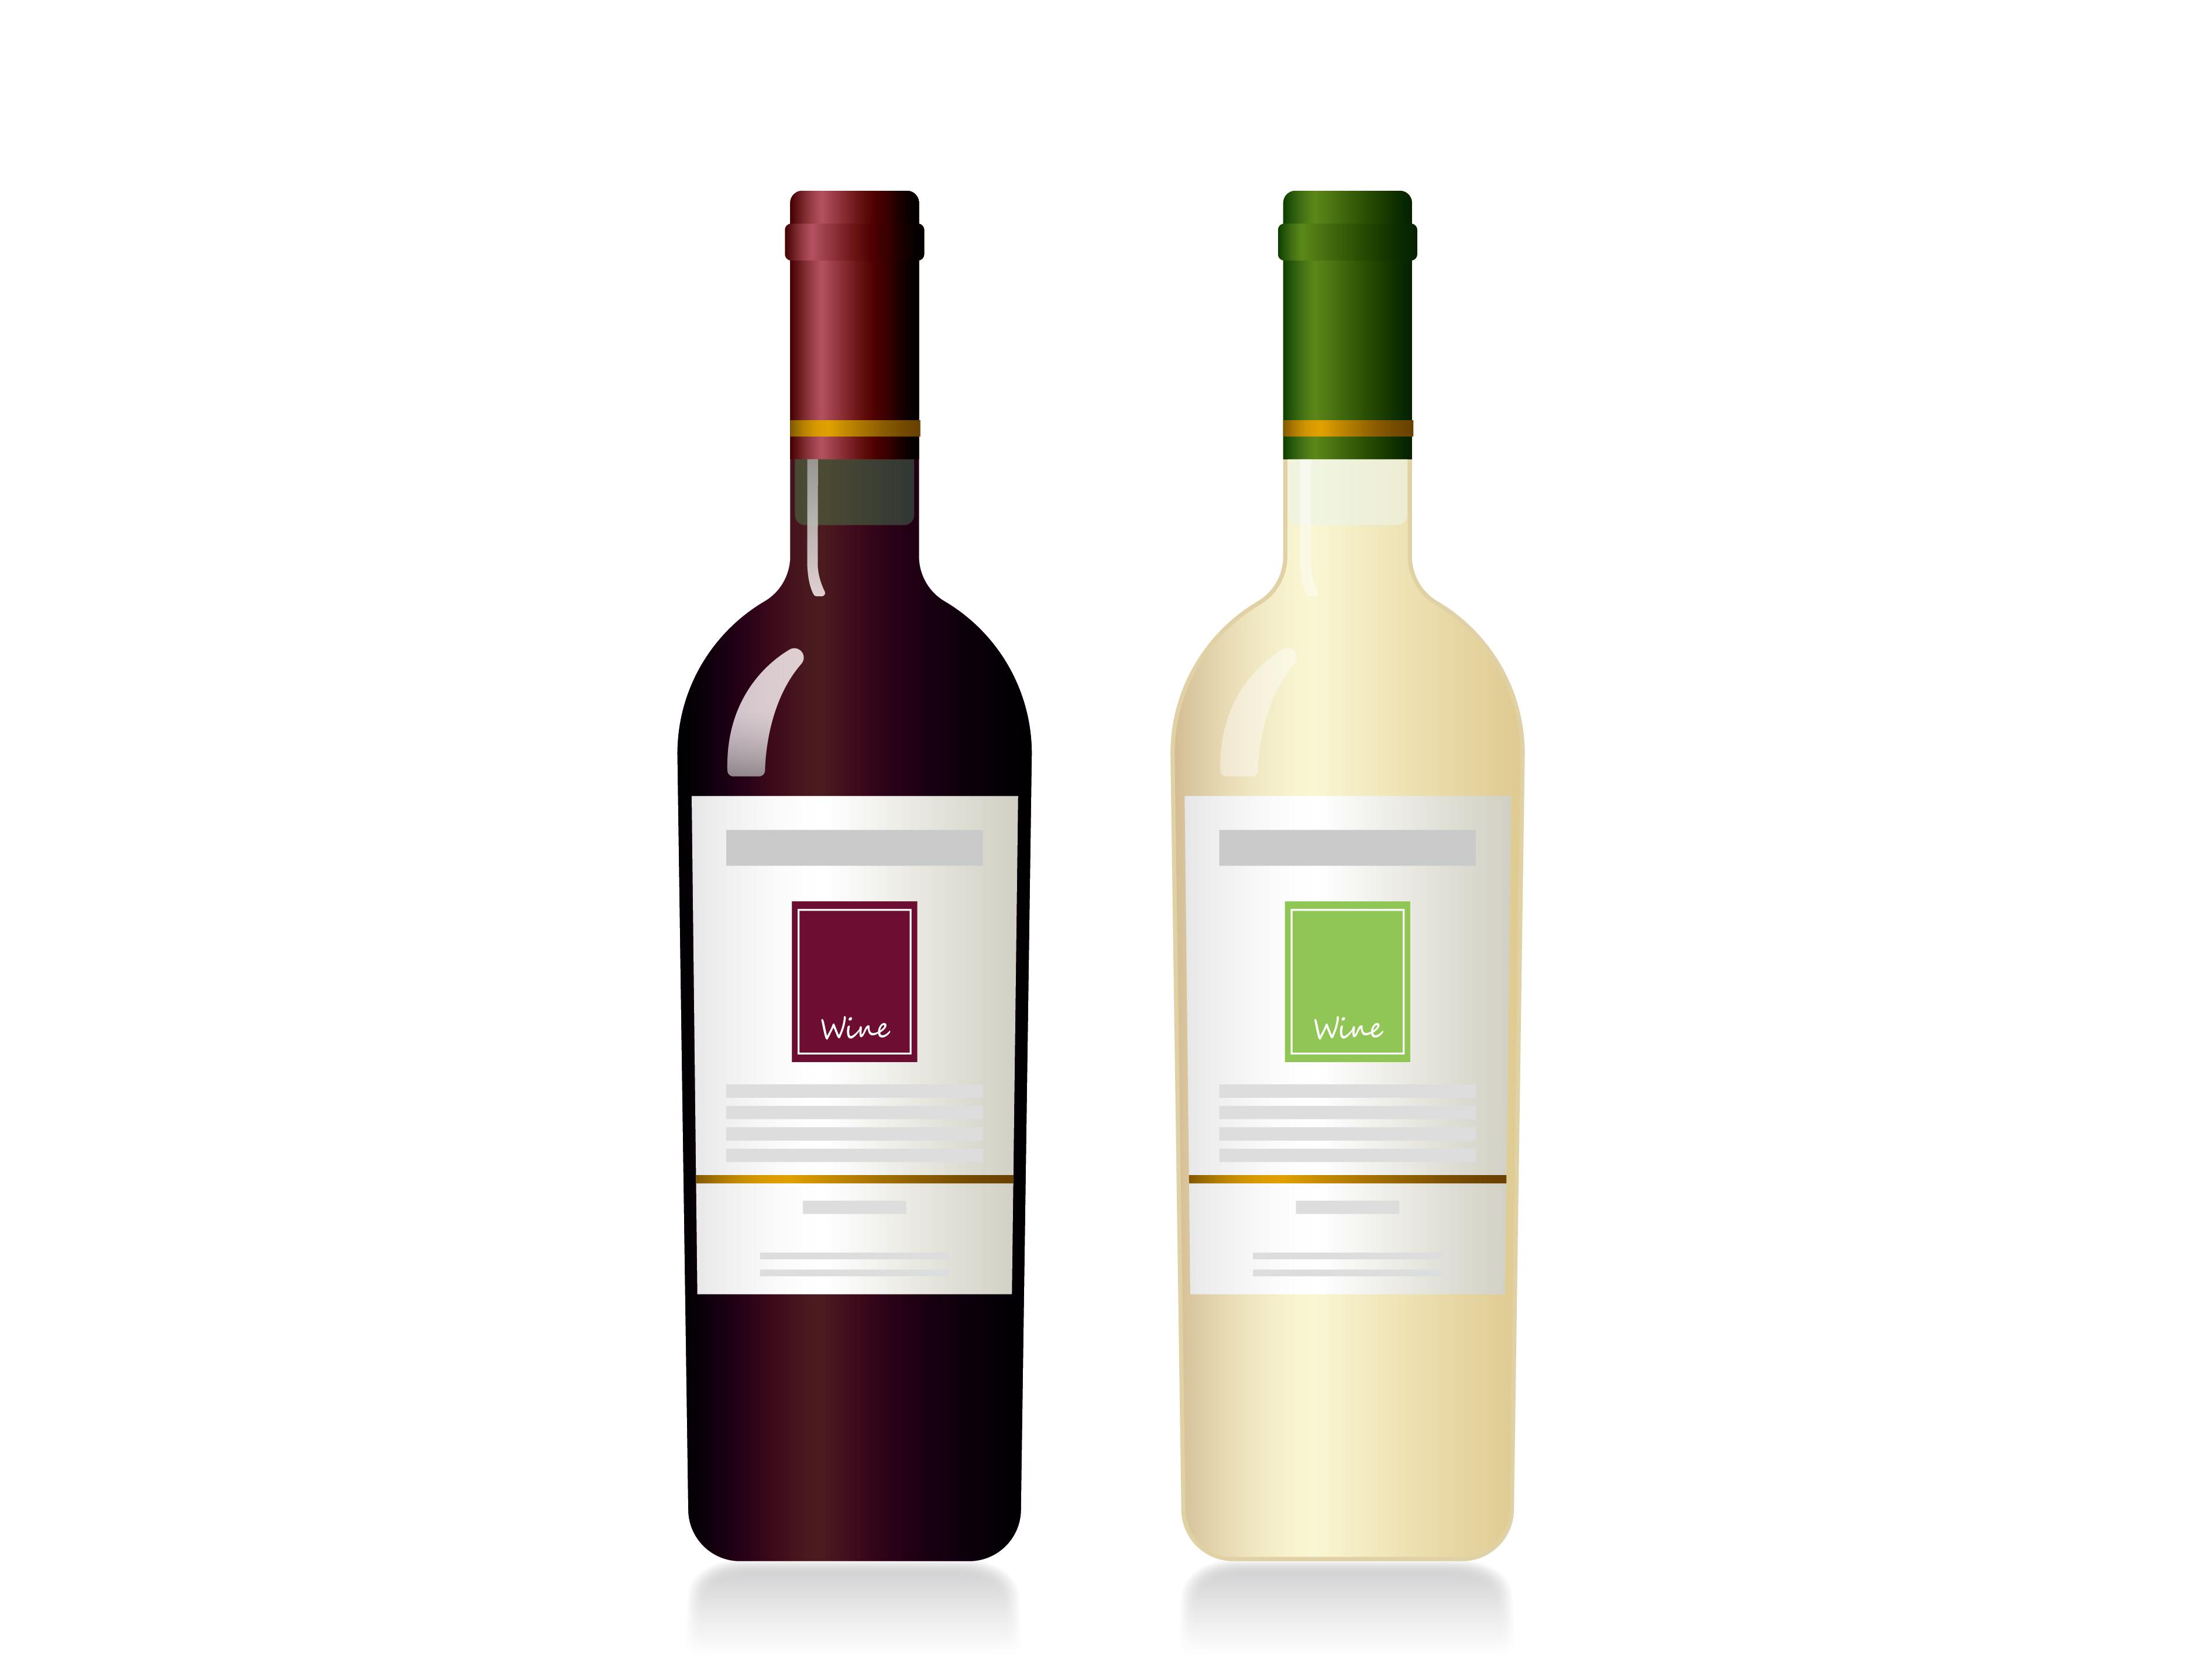 ワインを飲むと癌になるとフランス国立がん研究所が発表